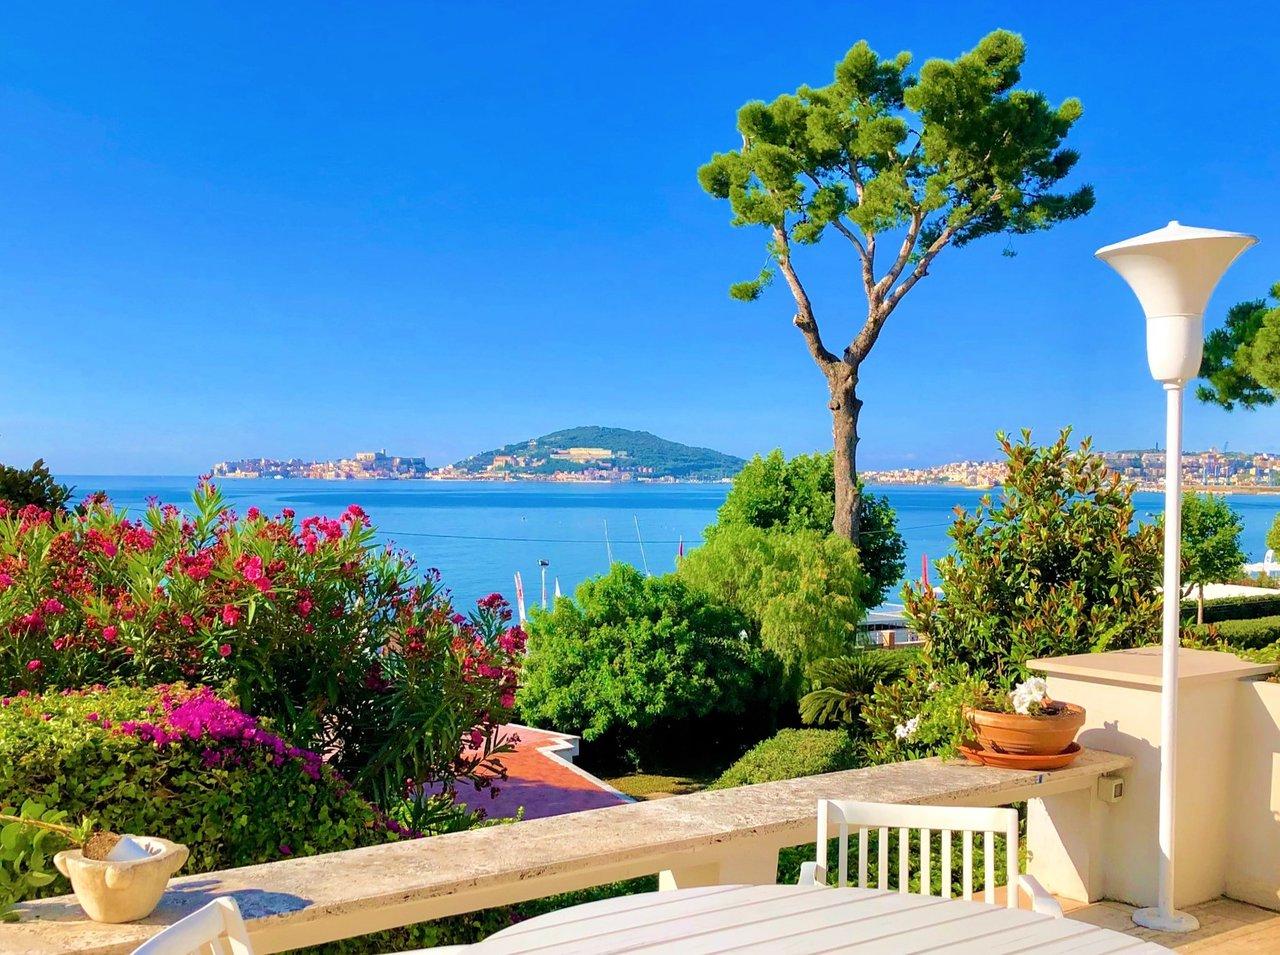 Antica Villa Gaeta villa magnolia - prices & specialty b&b reviews (formia